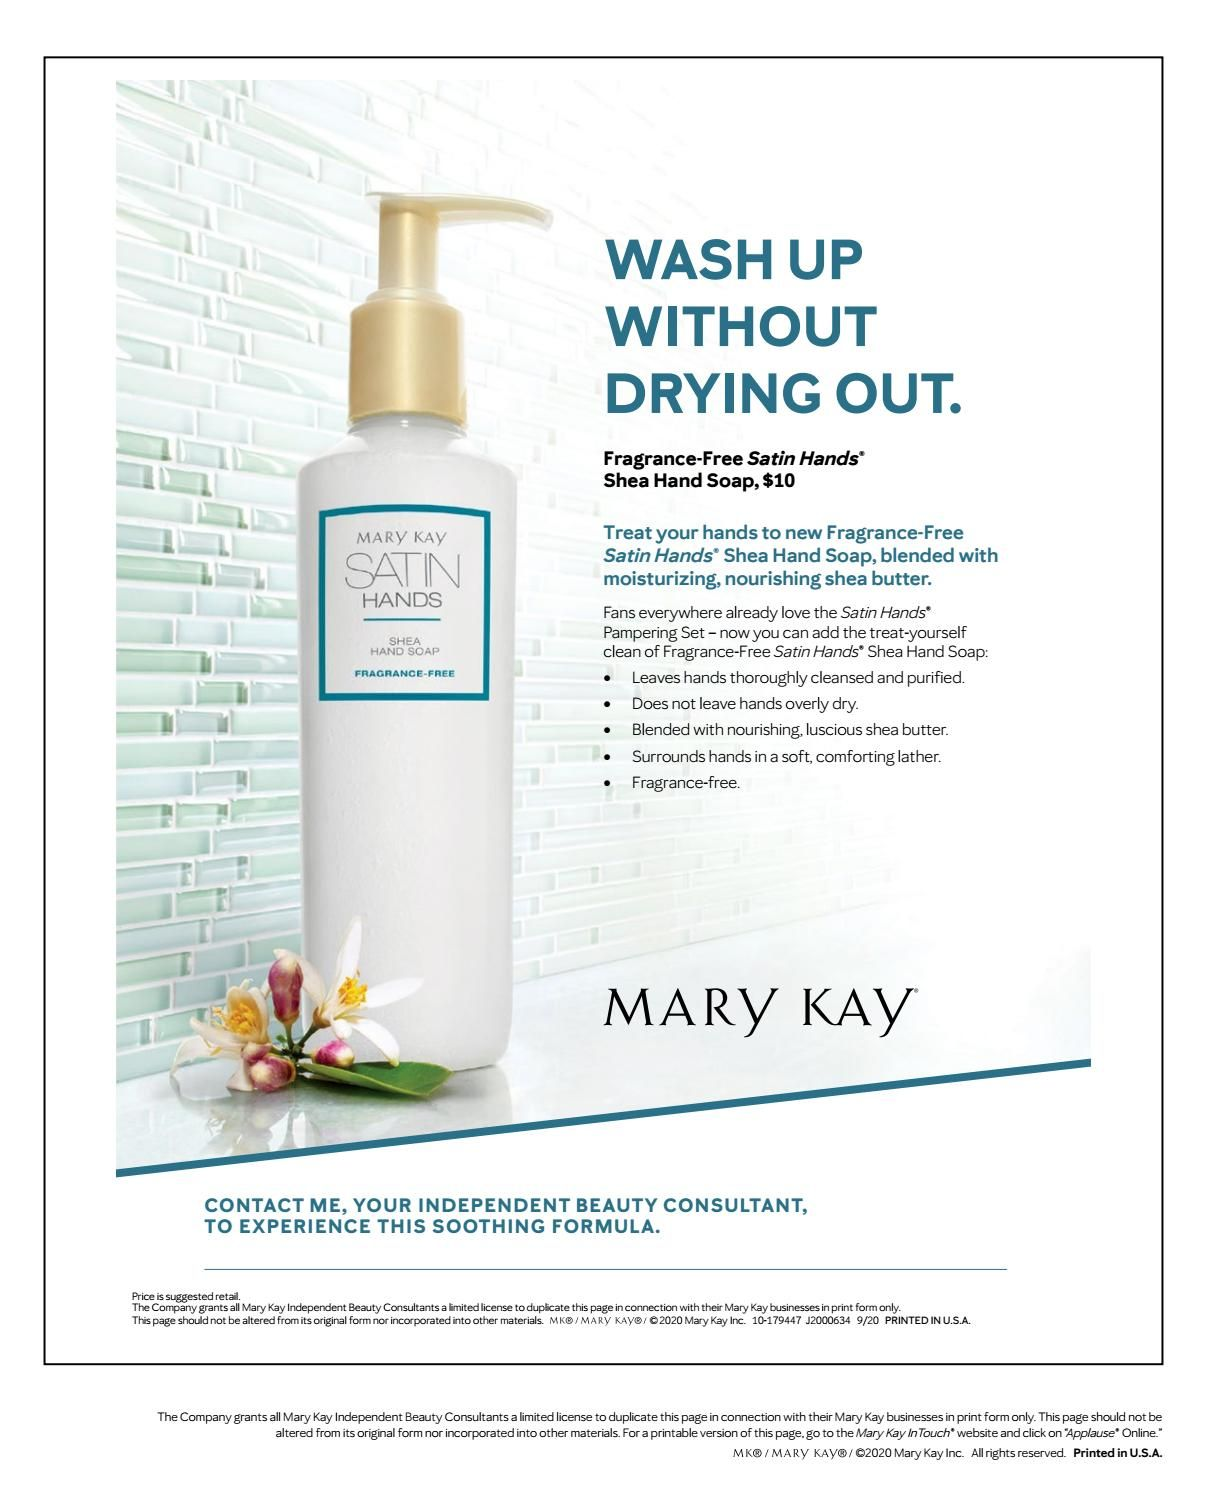 Applause For November 2020 Mary Kay Holiday Mary Kay Mary Kay Cosmetics